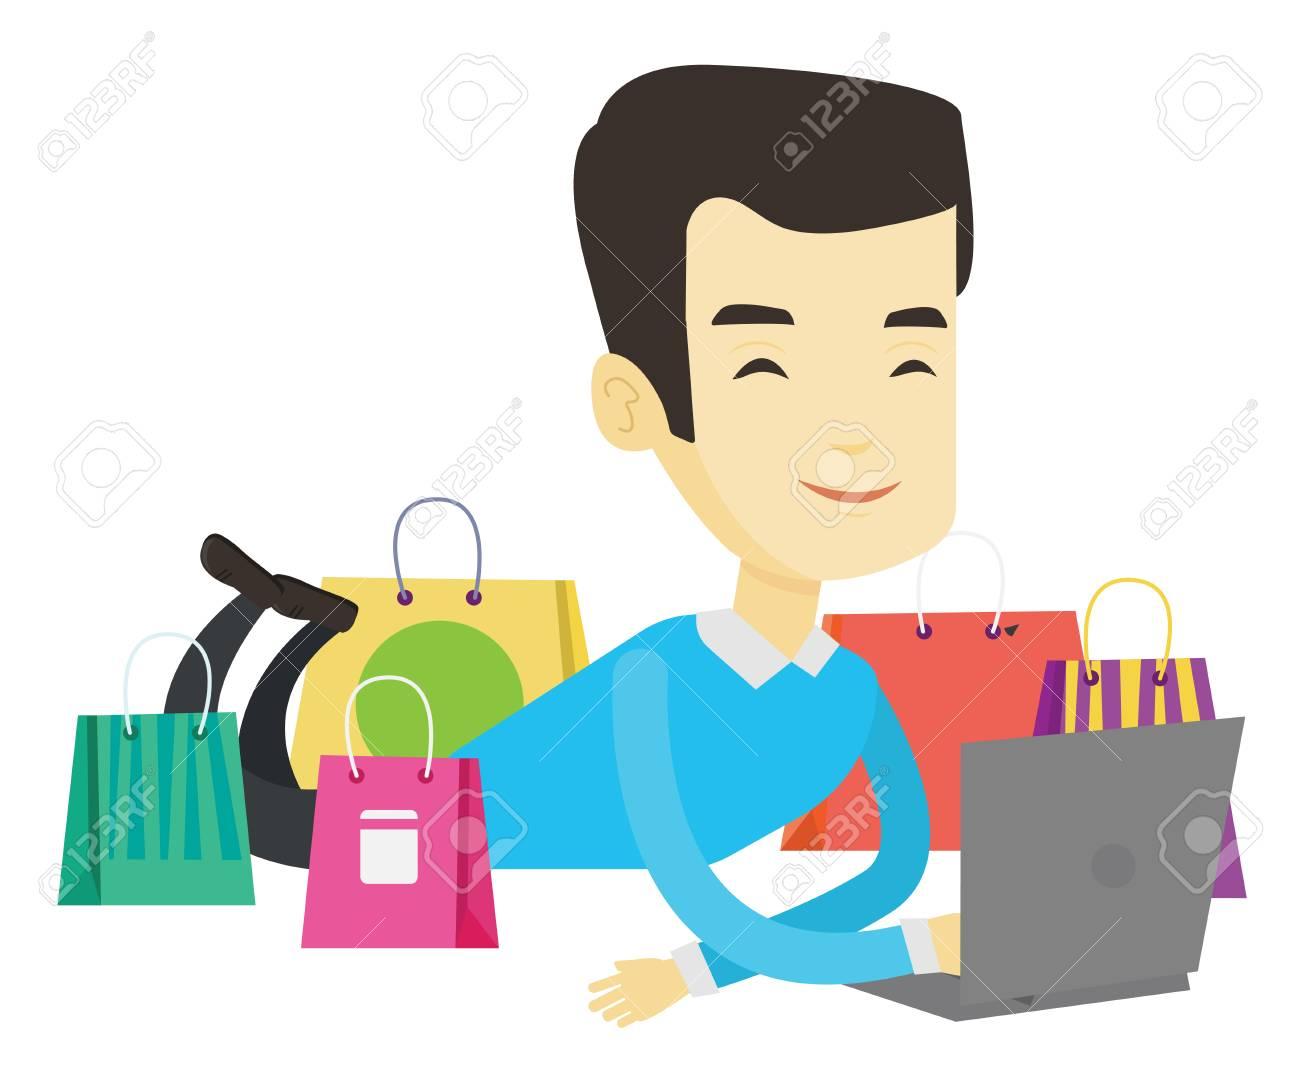 b8b48f8db47e3 Homme Asiatique En Utilisant Un Ordinateur Portable Pour Faire Du Shopping  En Ligne. Homme Couché Avec Ordinateur Portable Et Faire Des Achats En Ligne .